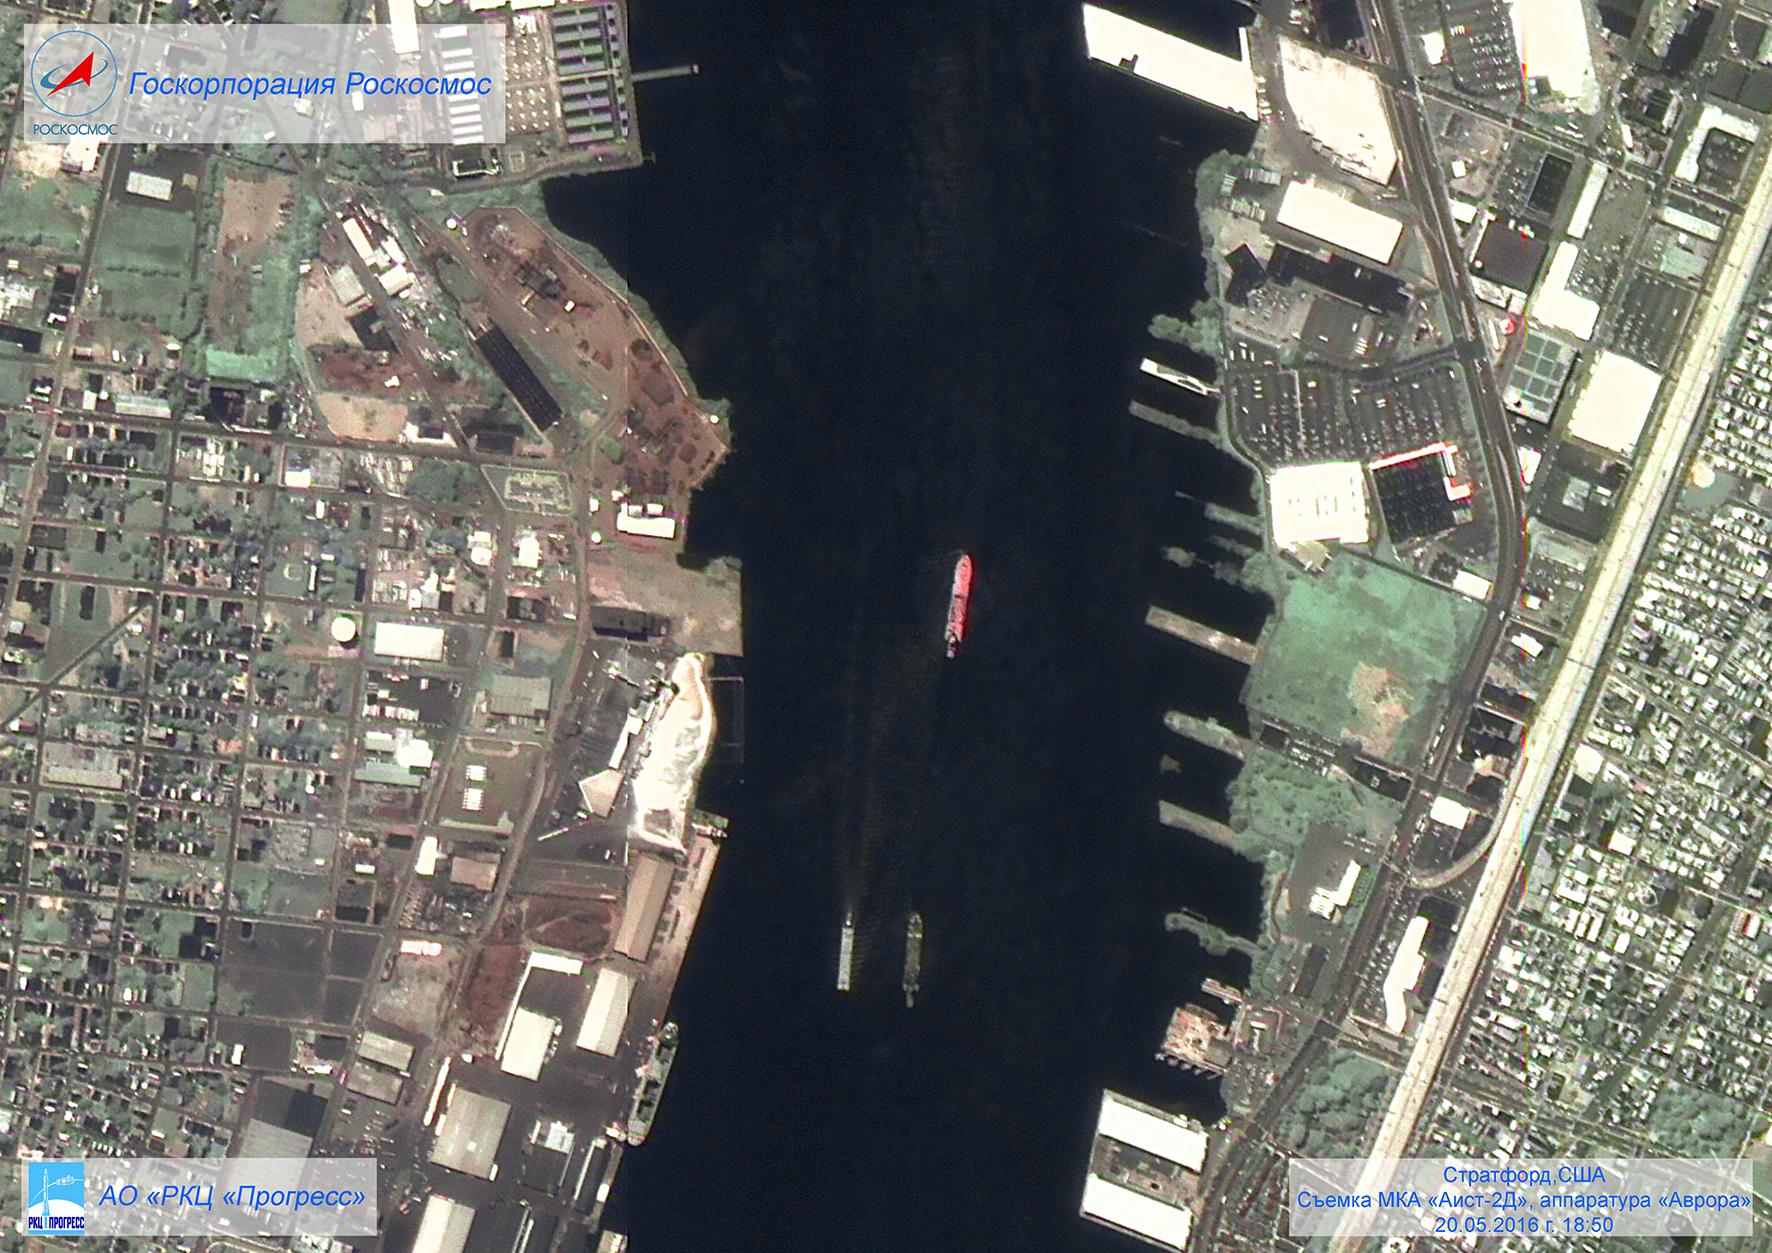 Спутник «АИСТ-2Д» стартовавший с космодрома Восточный передал первые снимки из космоса